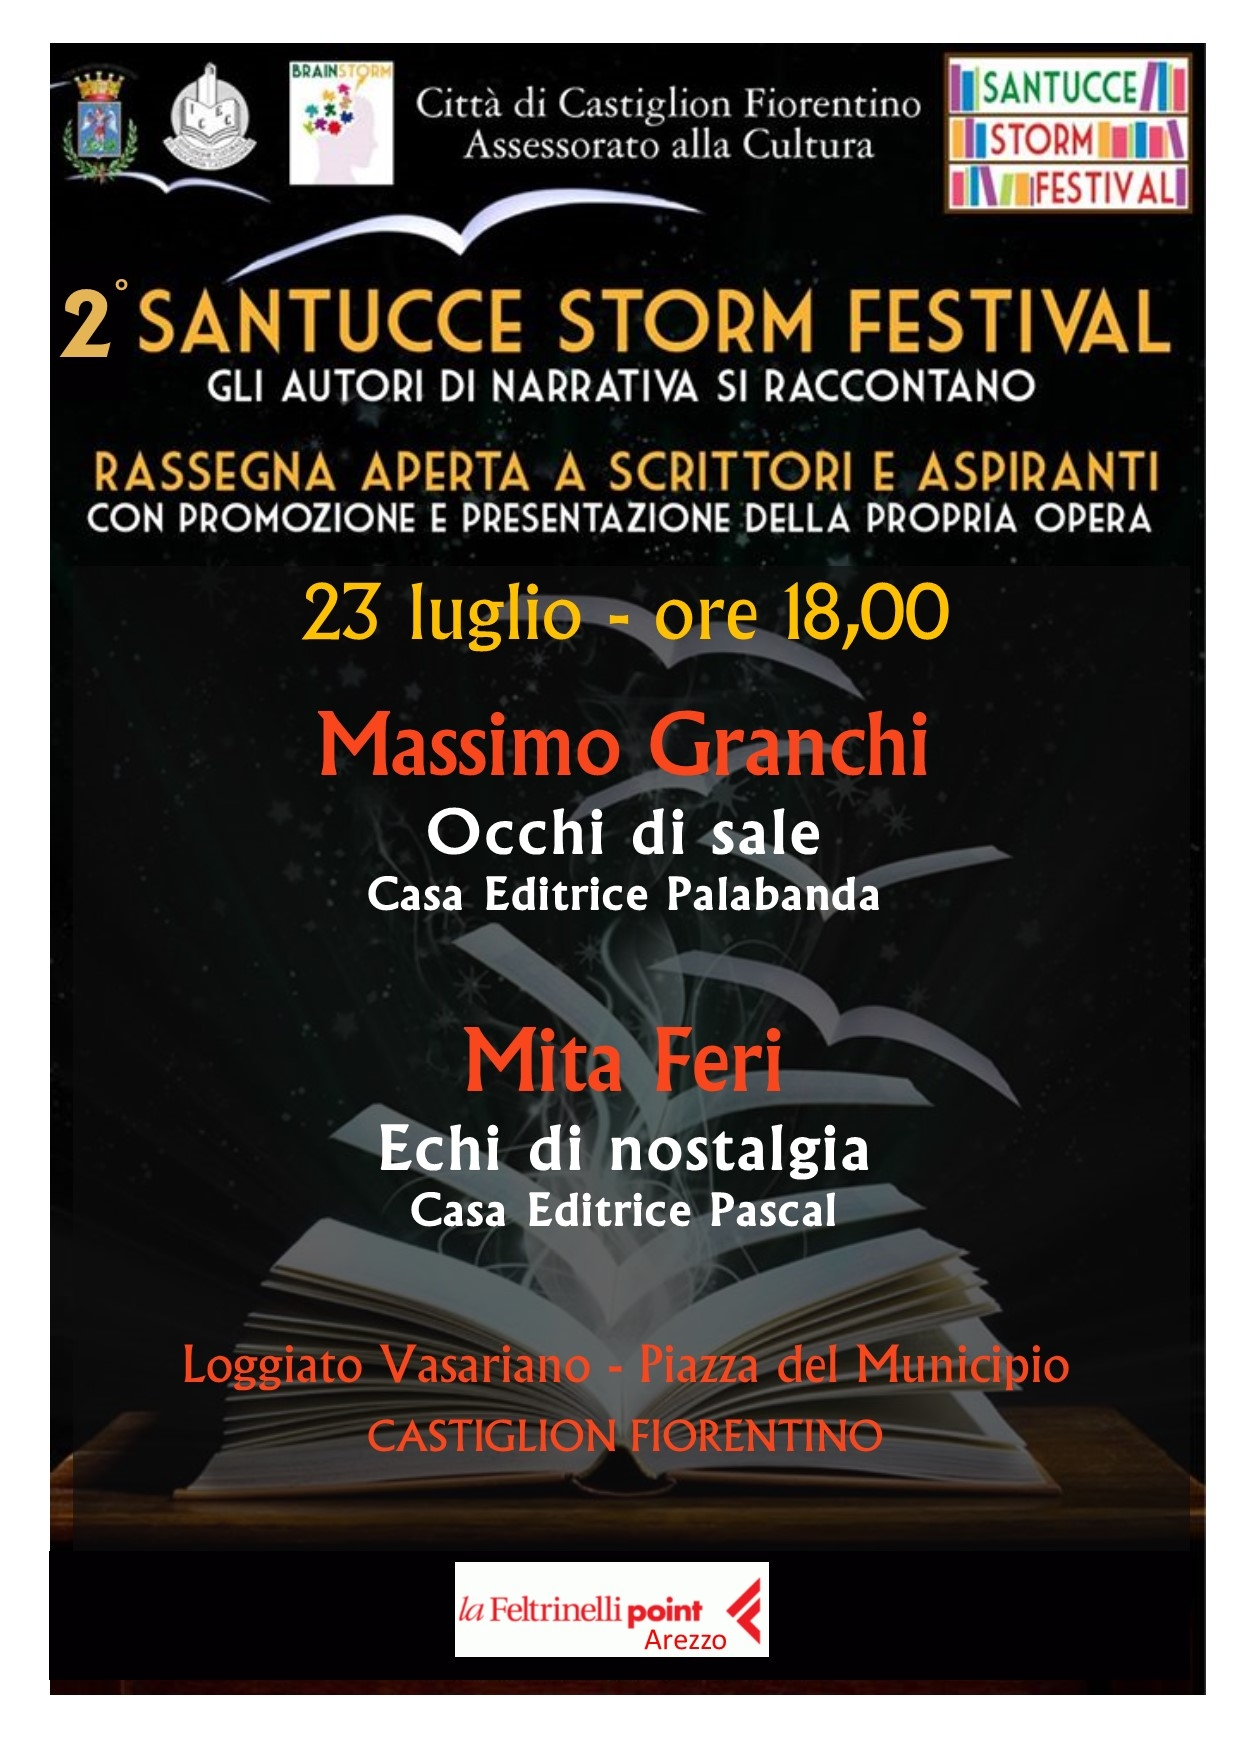 Doppio appuntamento con il 'Santucce Storm Festival'